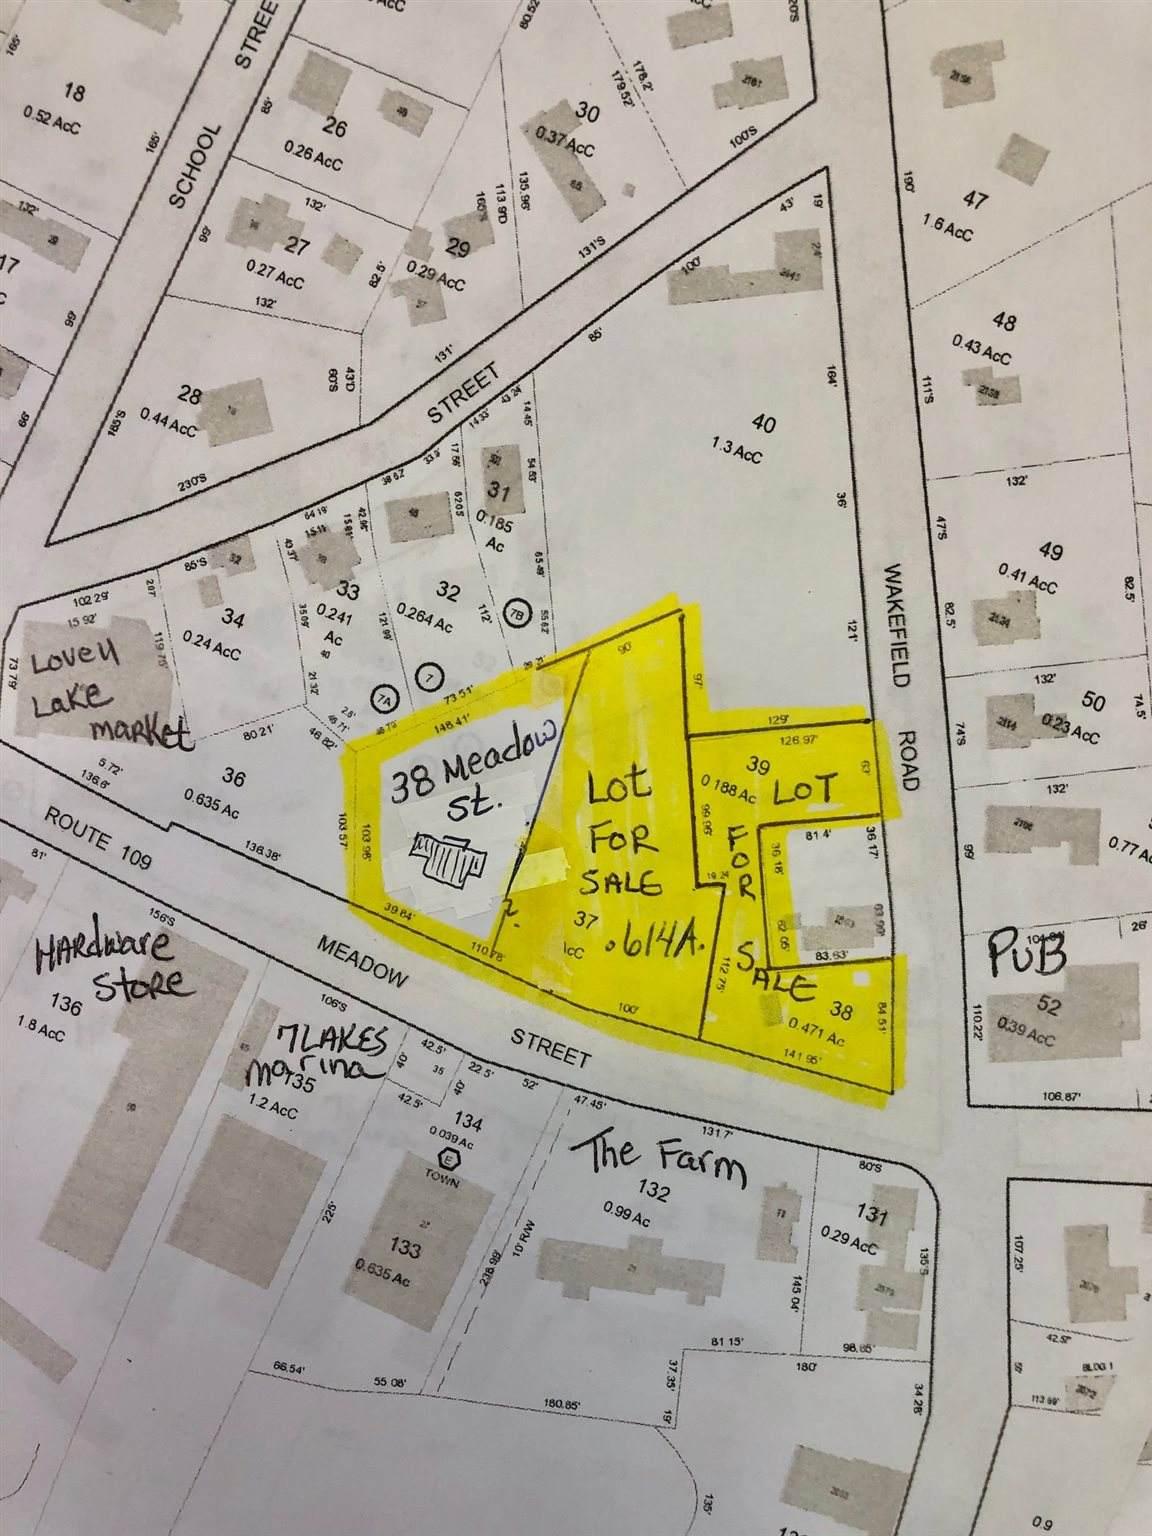 Lot 37-2, 38 Meadow Street - Photo 1